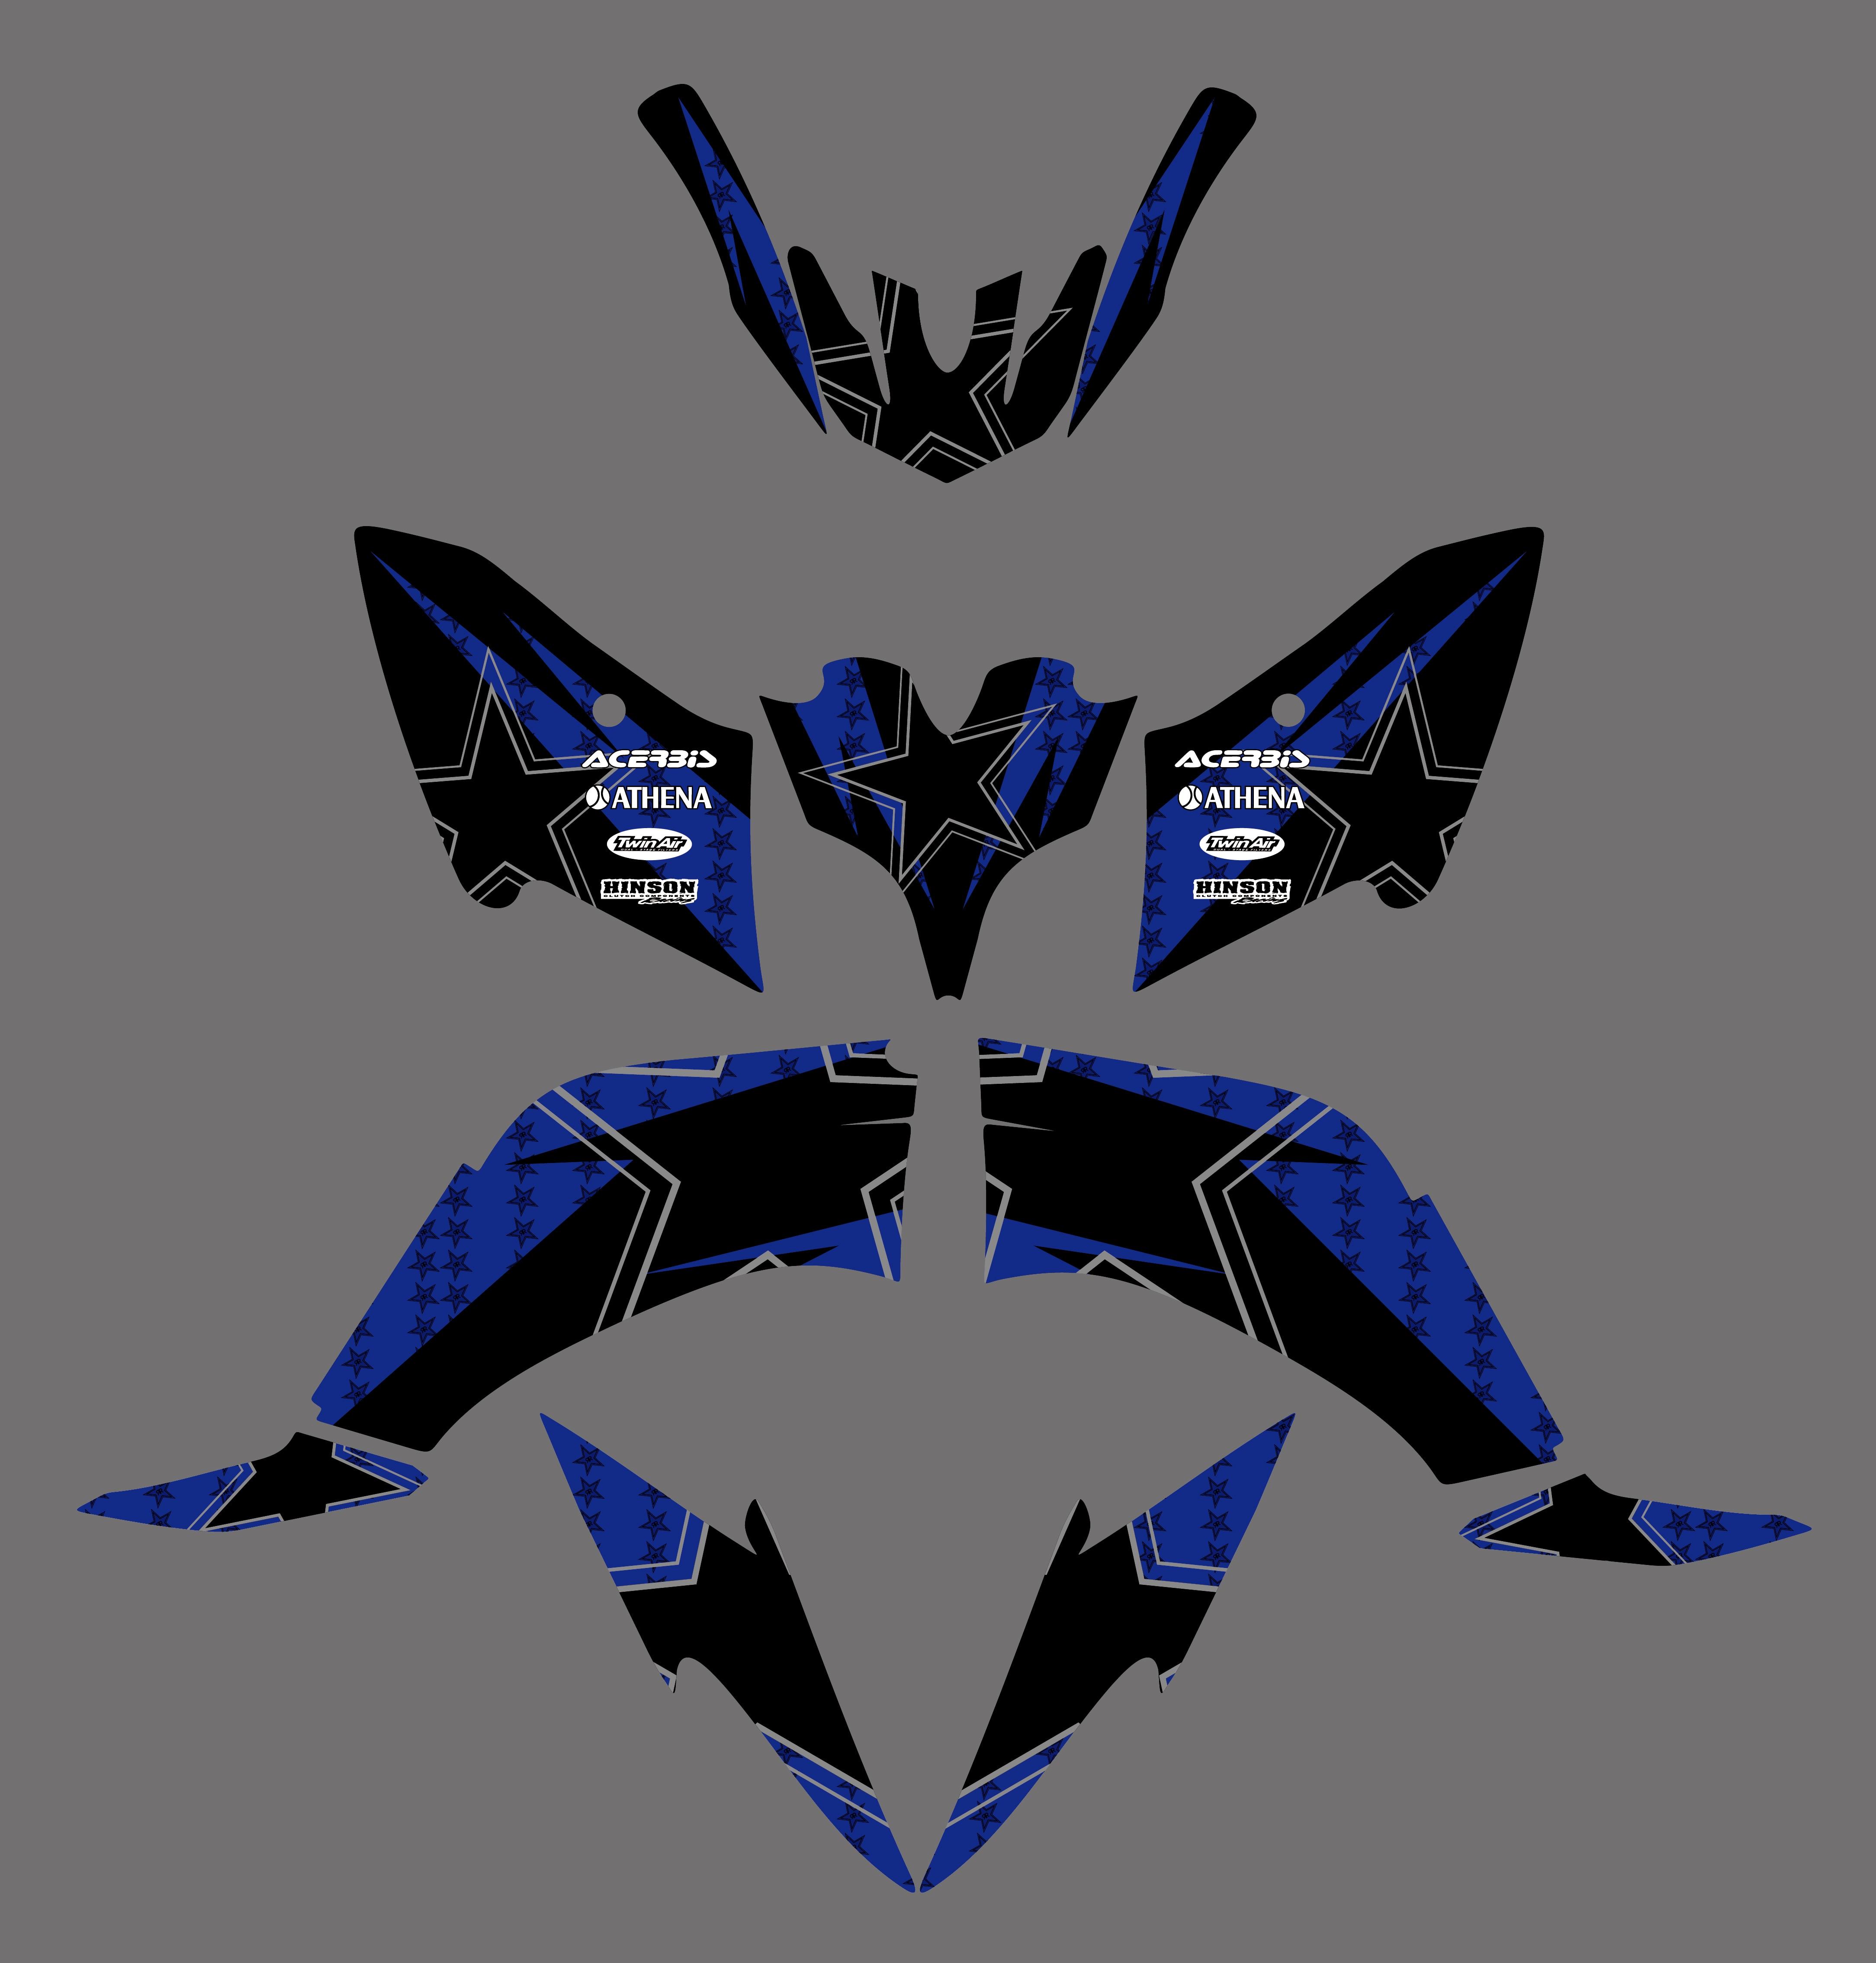 Autocollants étoiles Kits graphiques adaptés à Yamaha | Nouveau Style, Kits graphiques pour Yamaha Raptor125 Raptor 250 YFM125 YFM250 ATV YFM 125 250